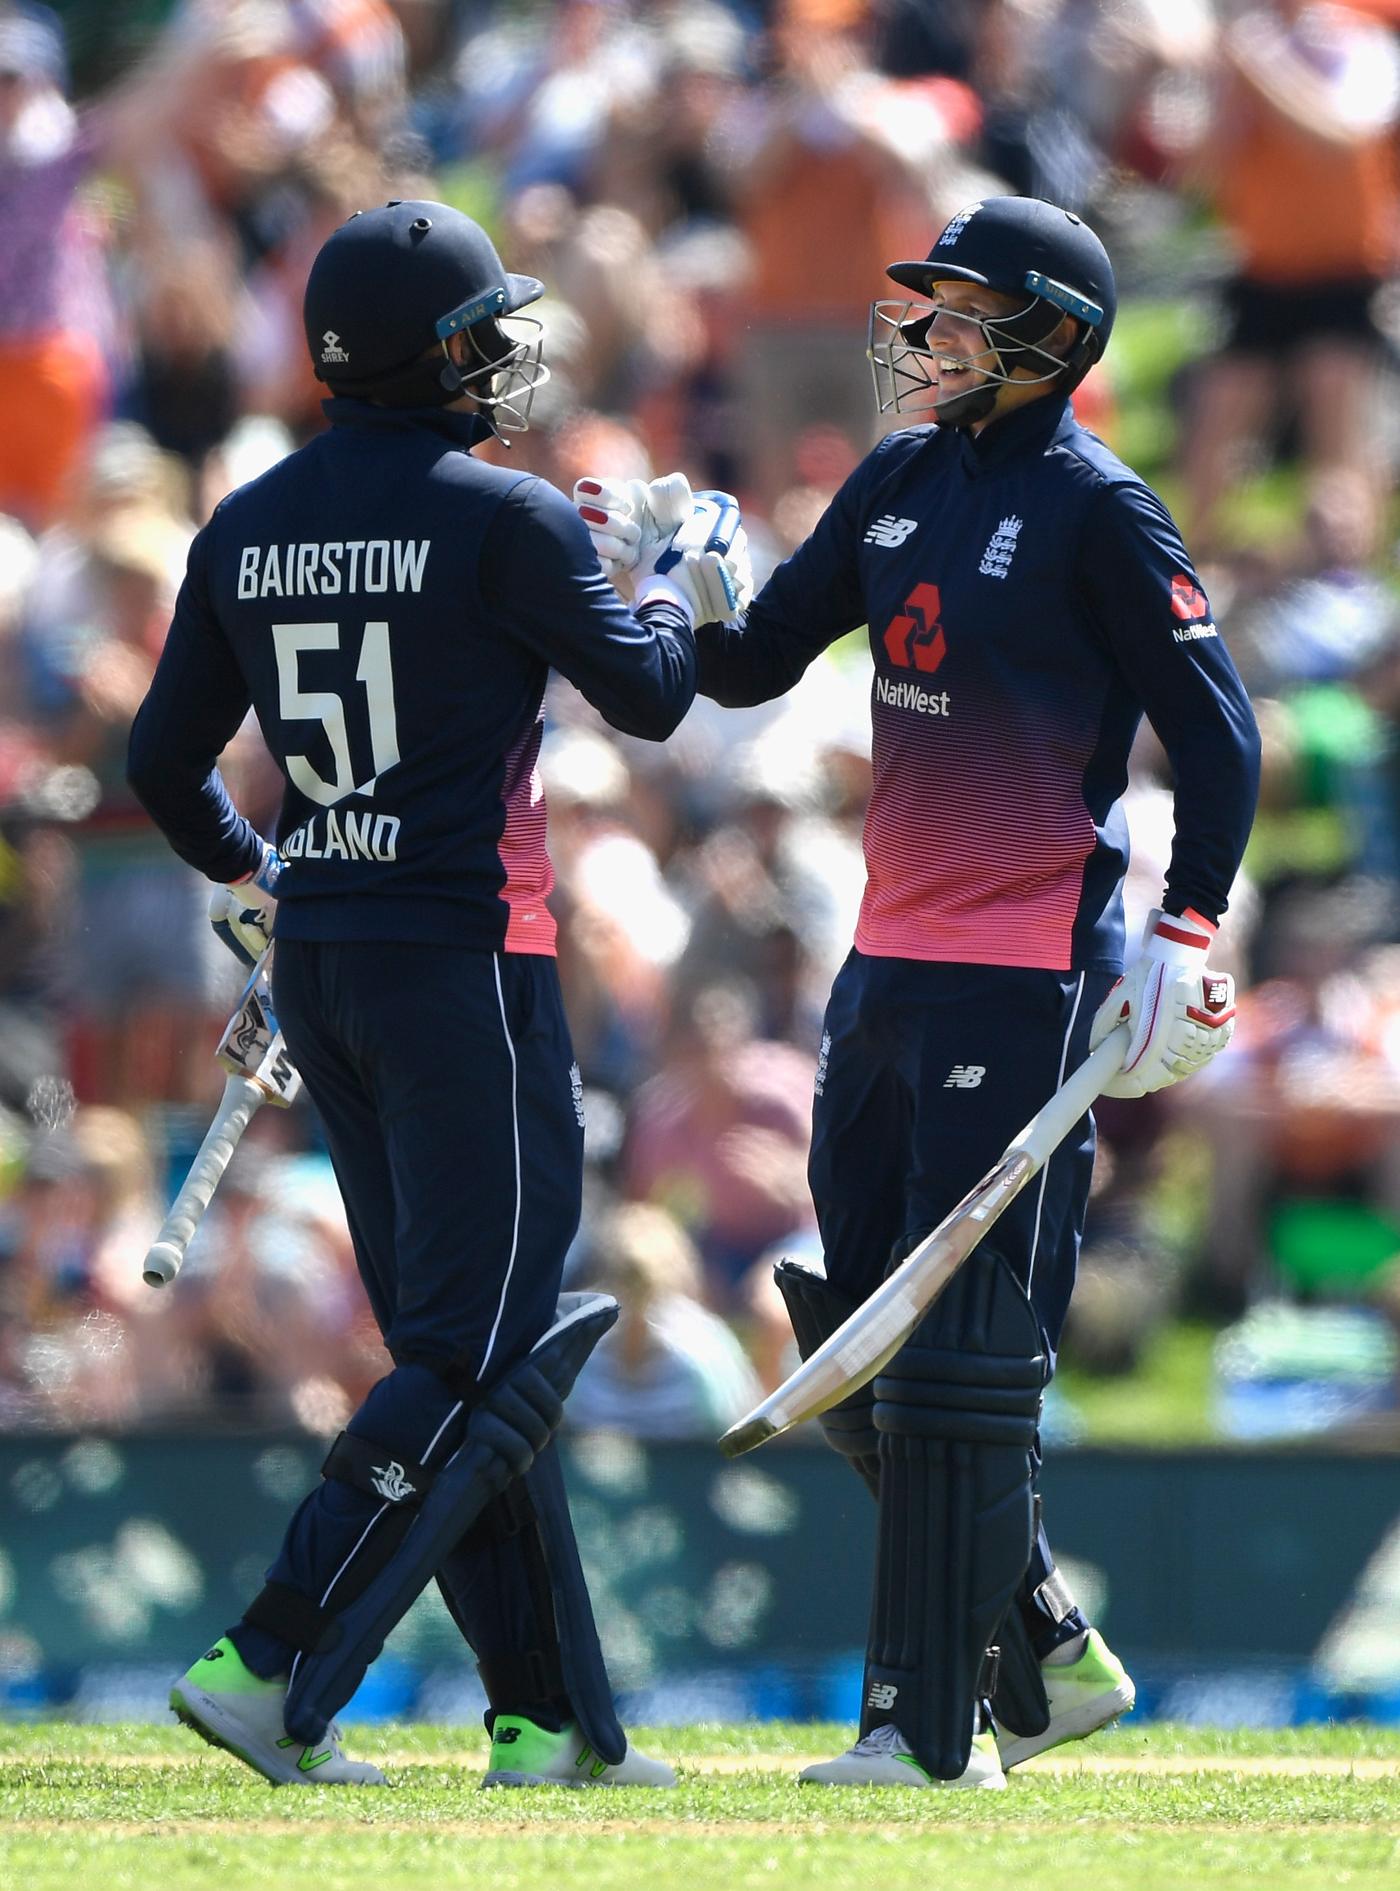 Morgan remembers the Dunedin ODI of 2018 illustrating Bayliss' consensual coaching style.